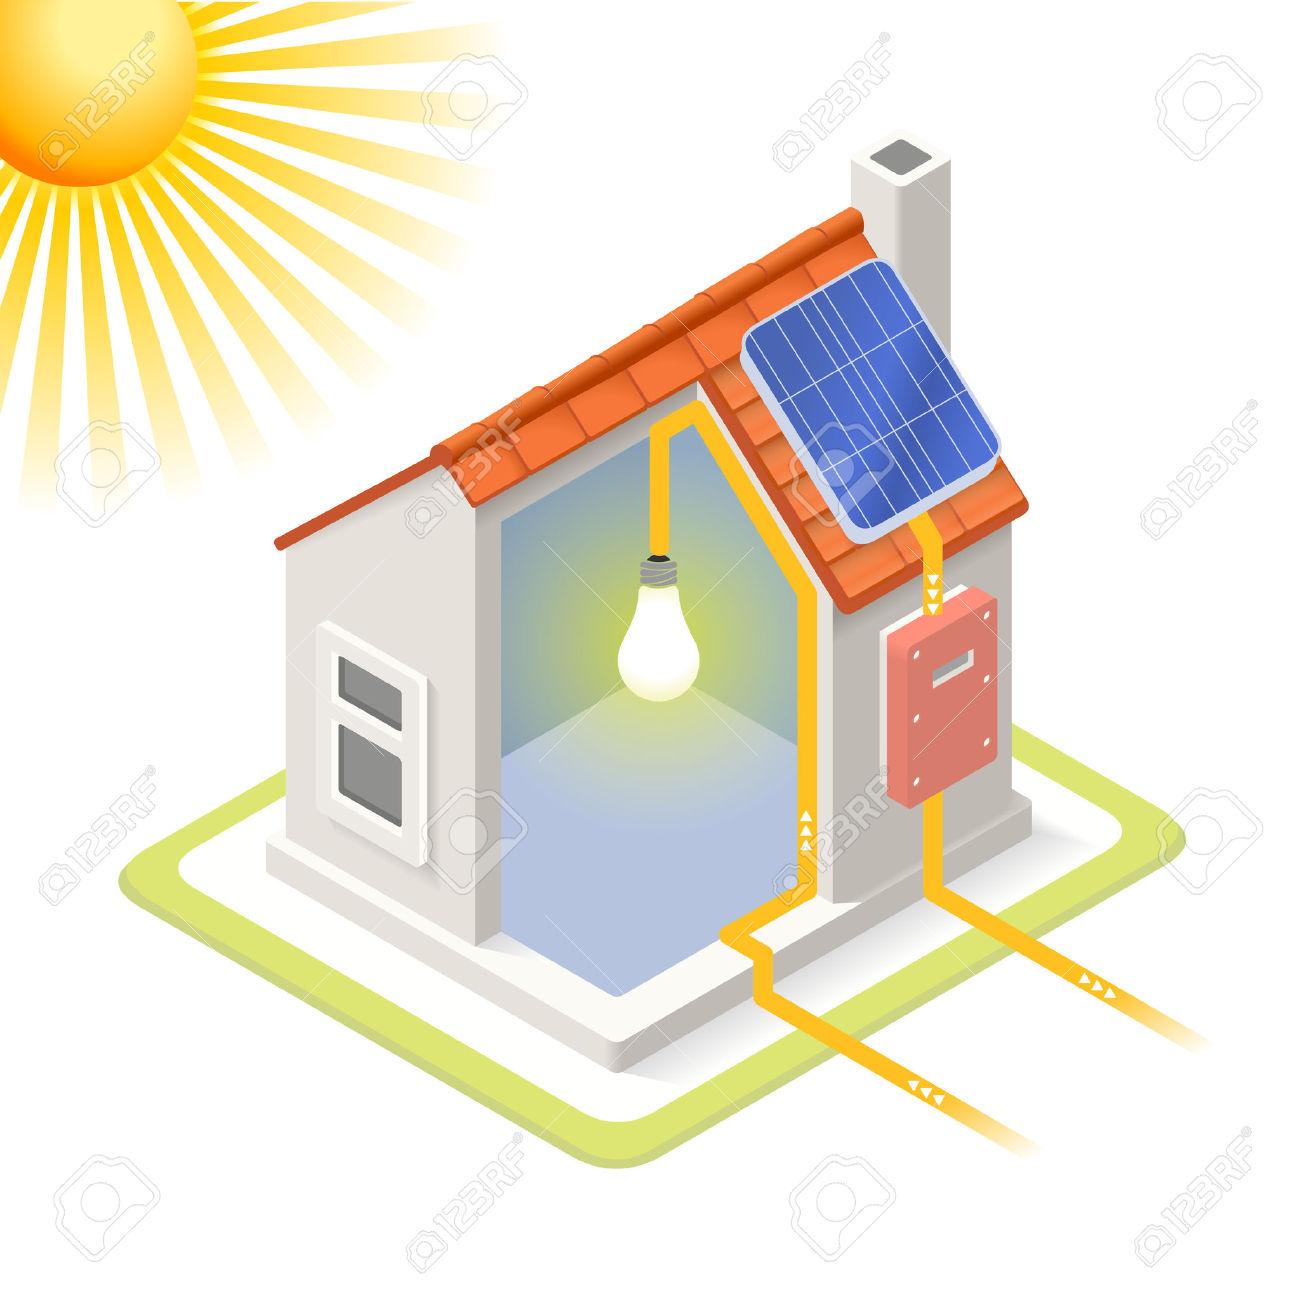 Clean Energy Casa Pannelli Solari Infografica Icon Concept.